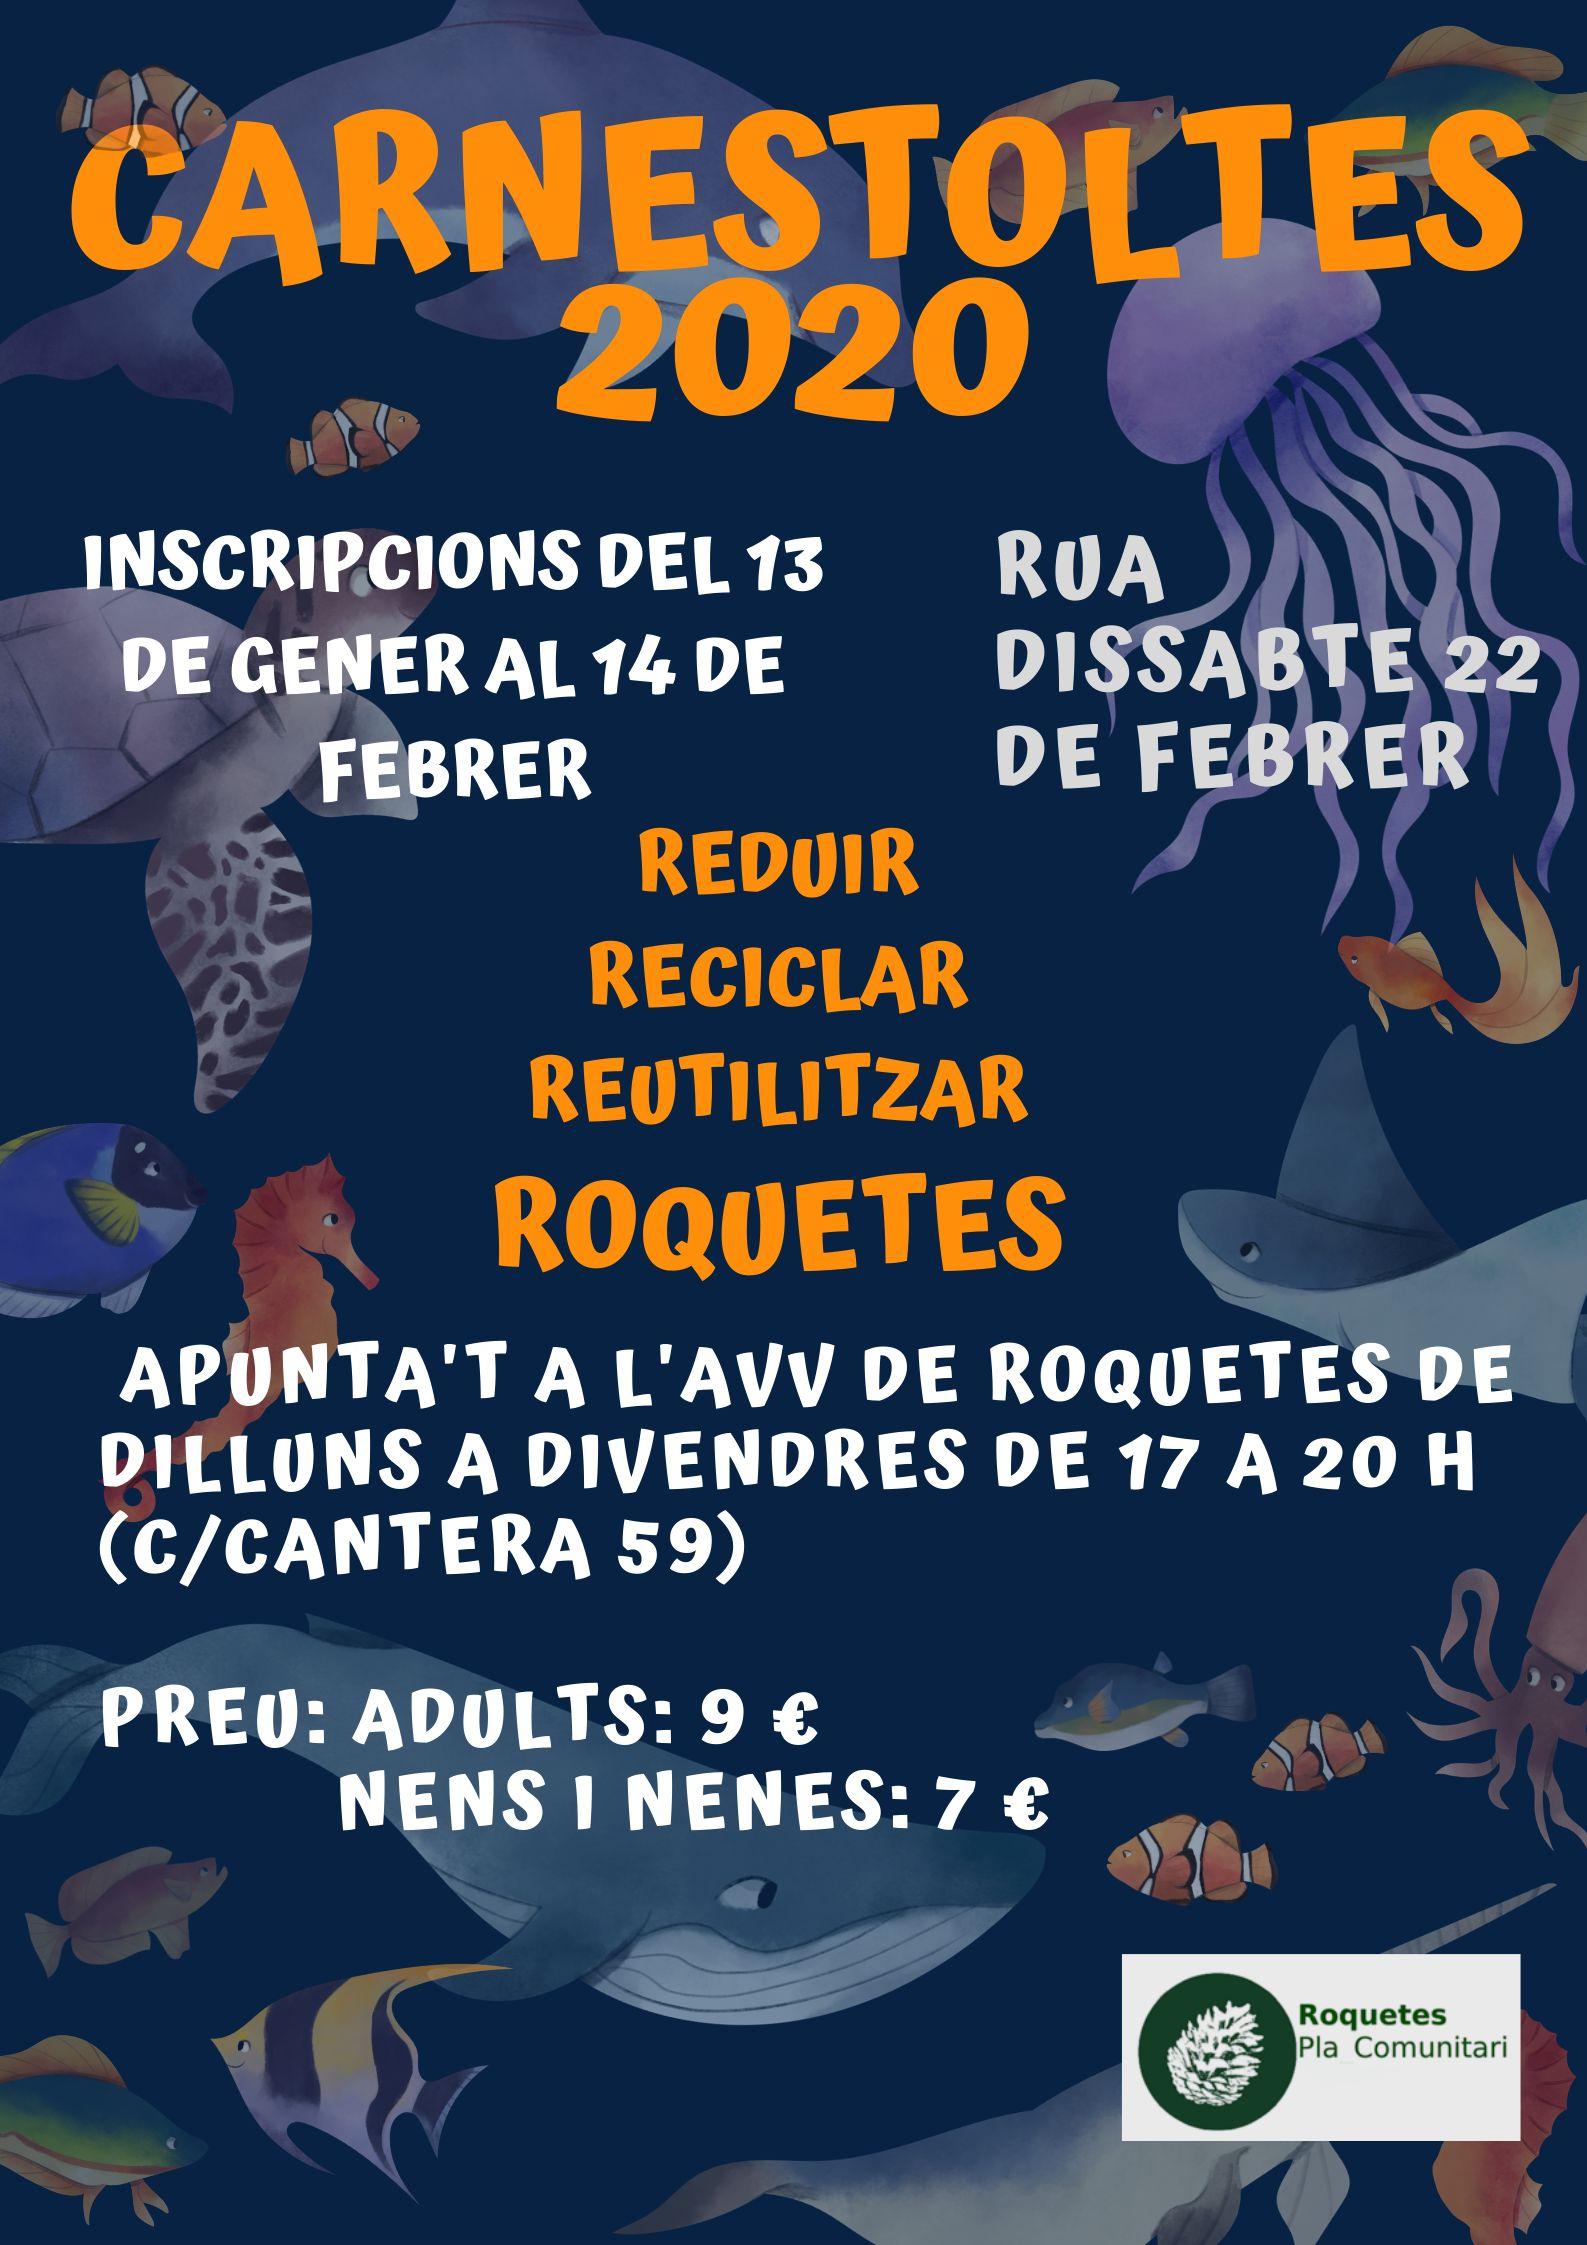 CARNESTOLTES ROQUETES 2020